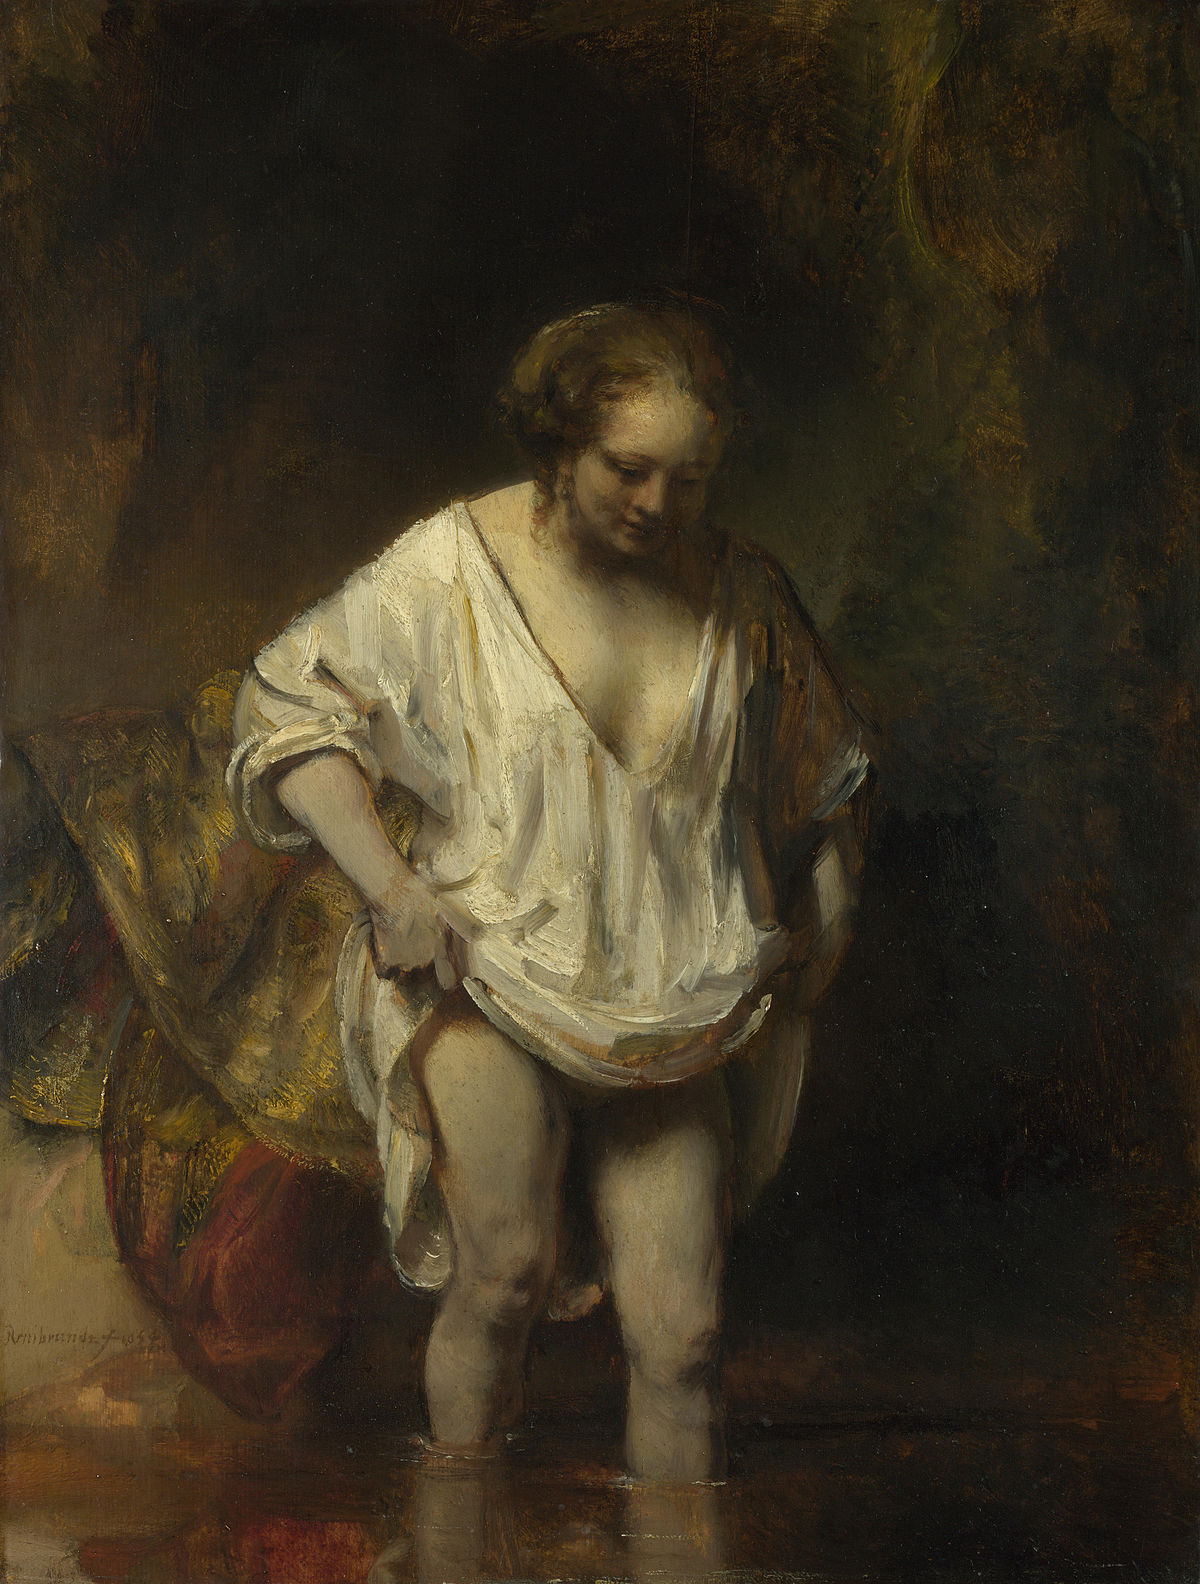 Giovane donna al bagno in un ruscello - Wikipedia